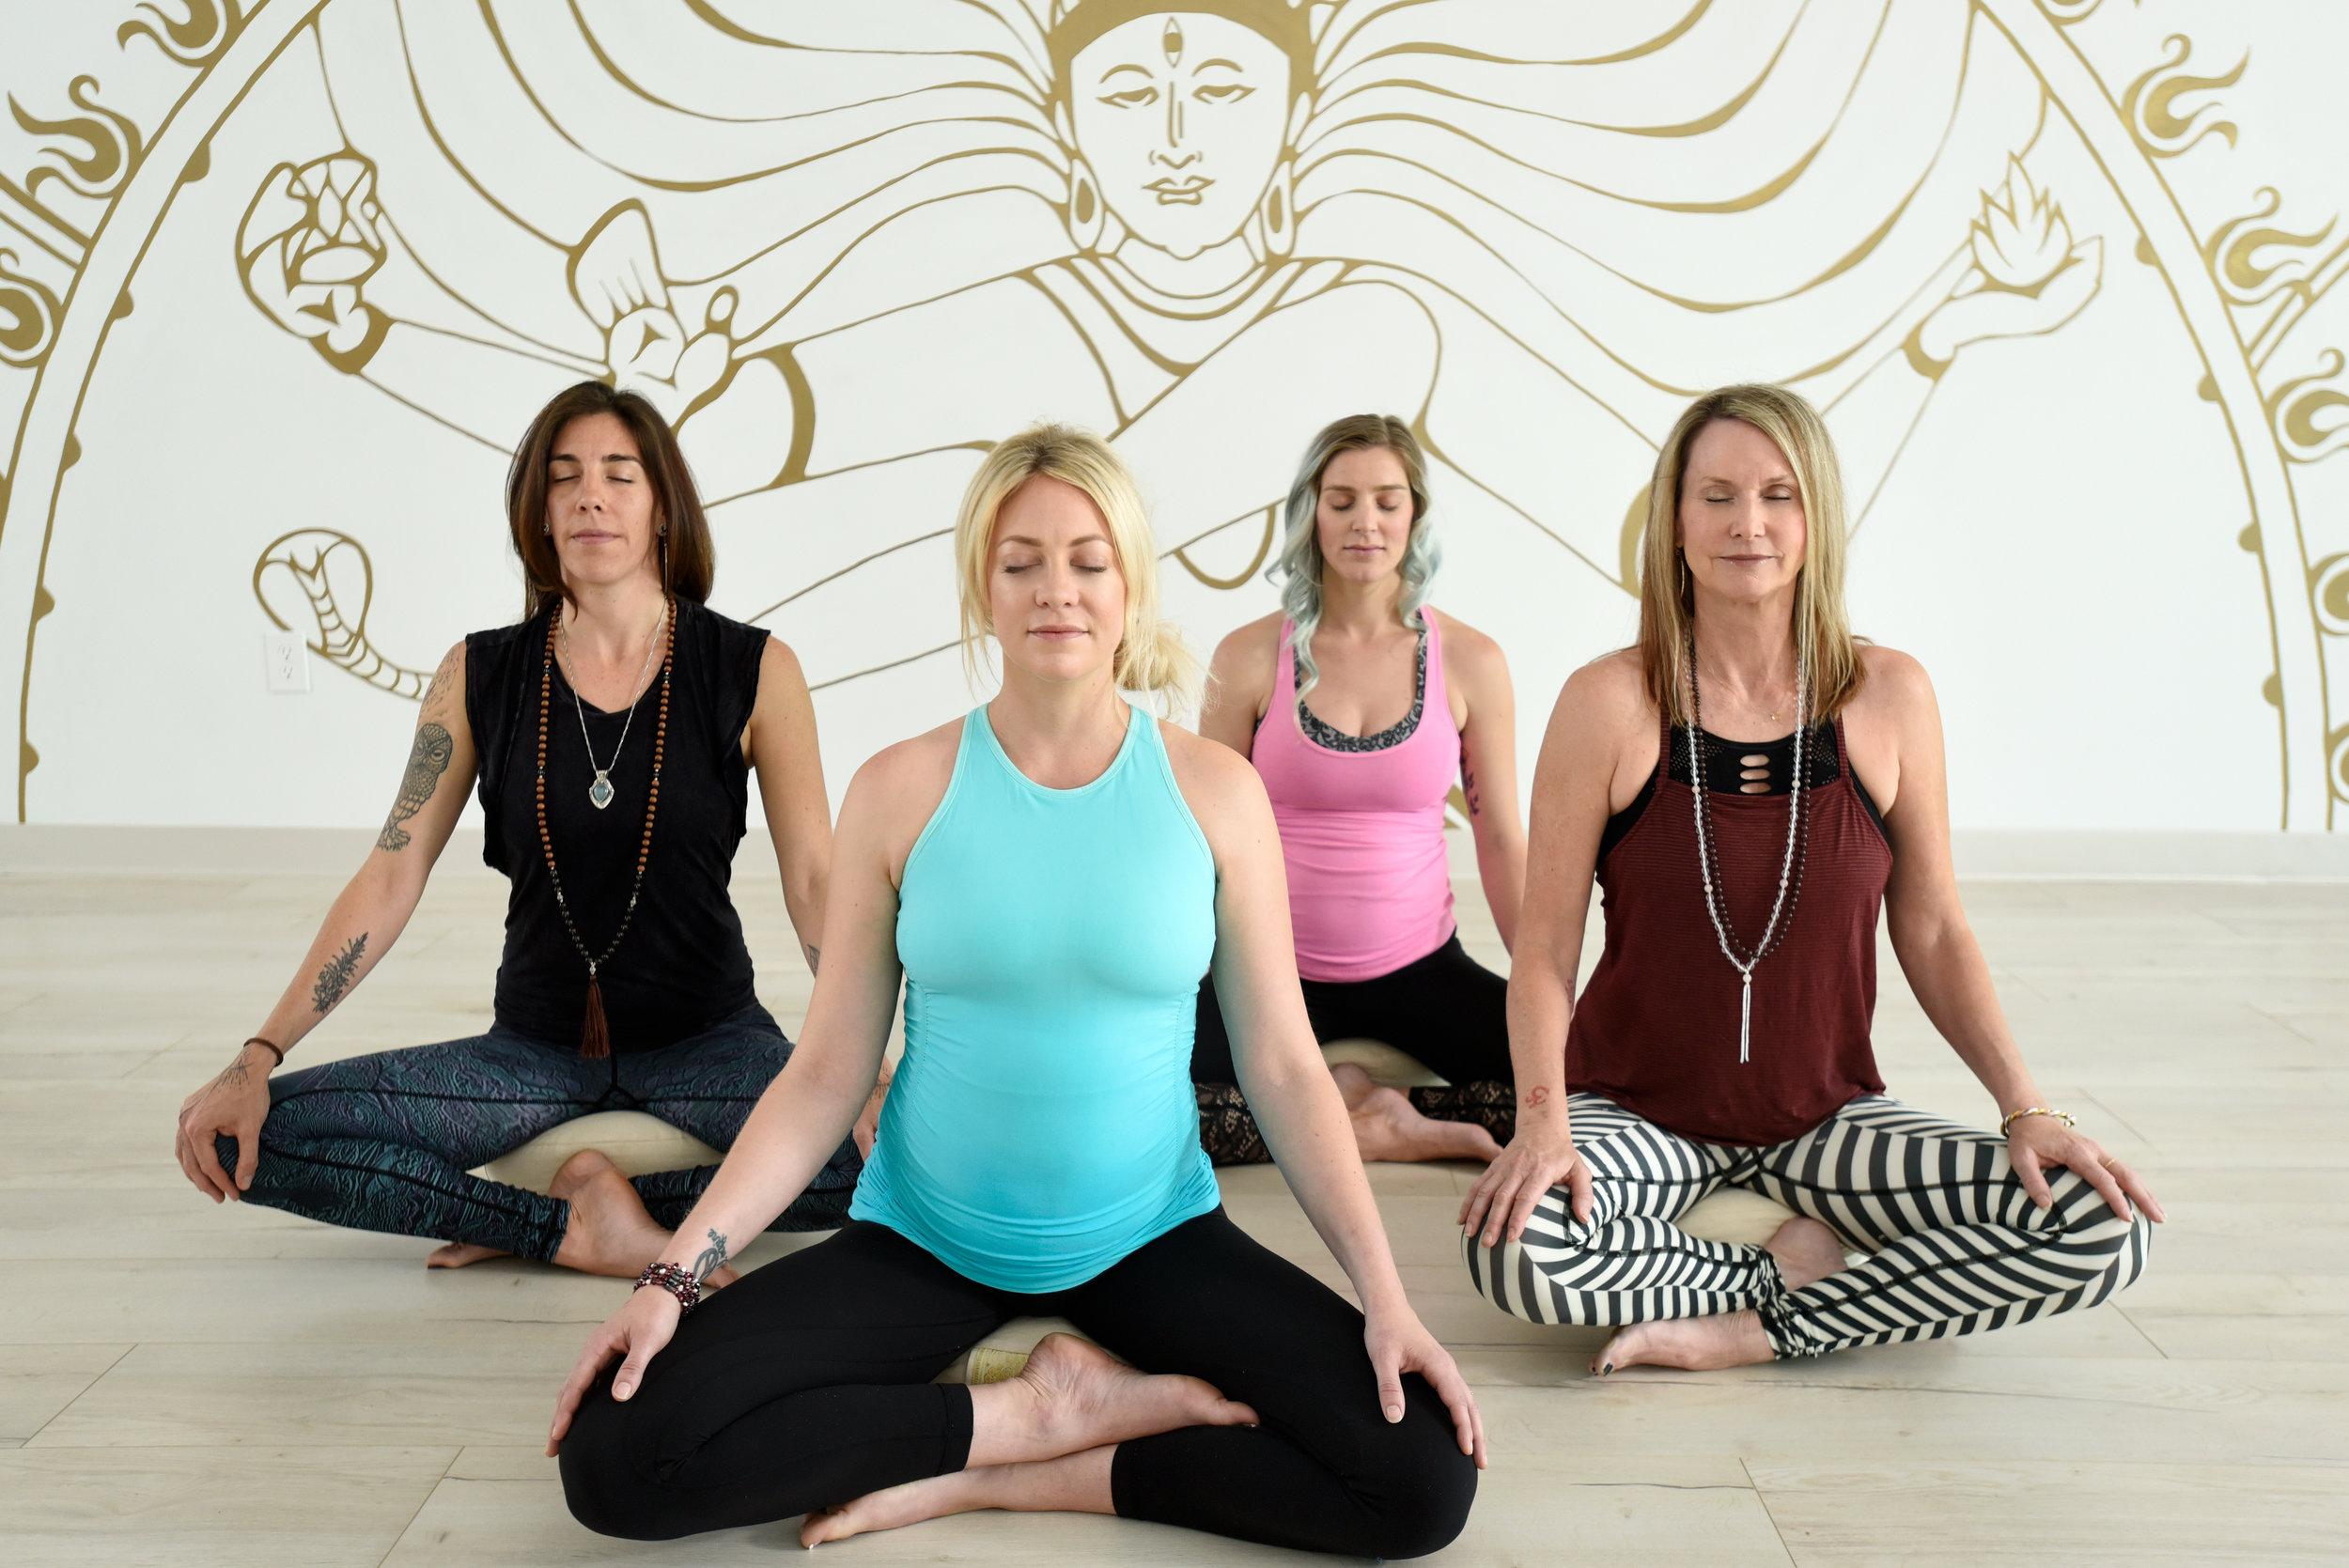 Awake-Yoga-meditation.jpg